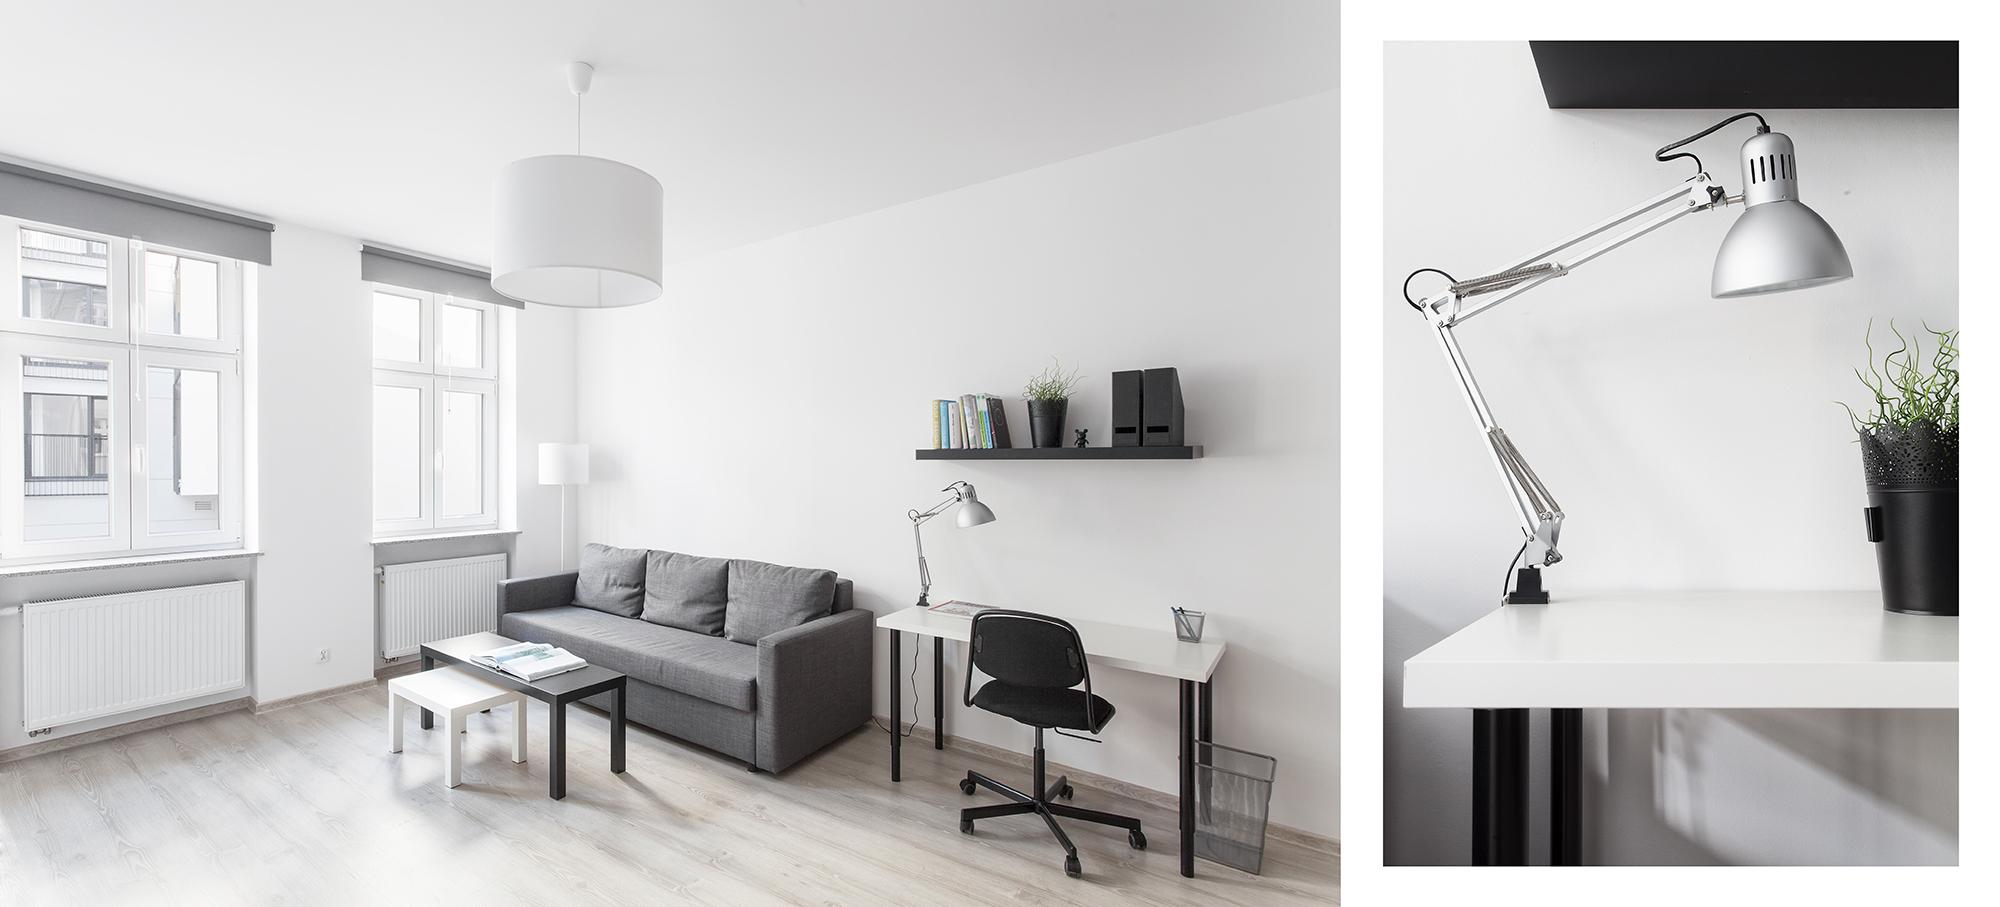 Mieszkanie błękitne - salon i biurko